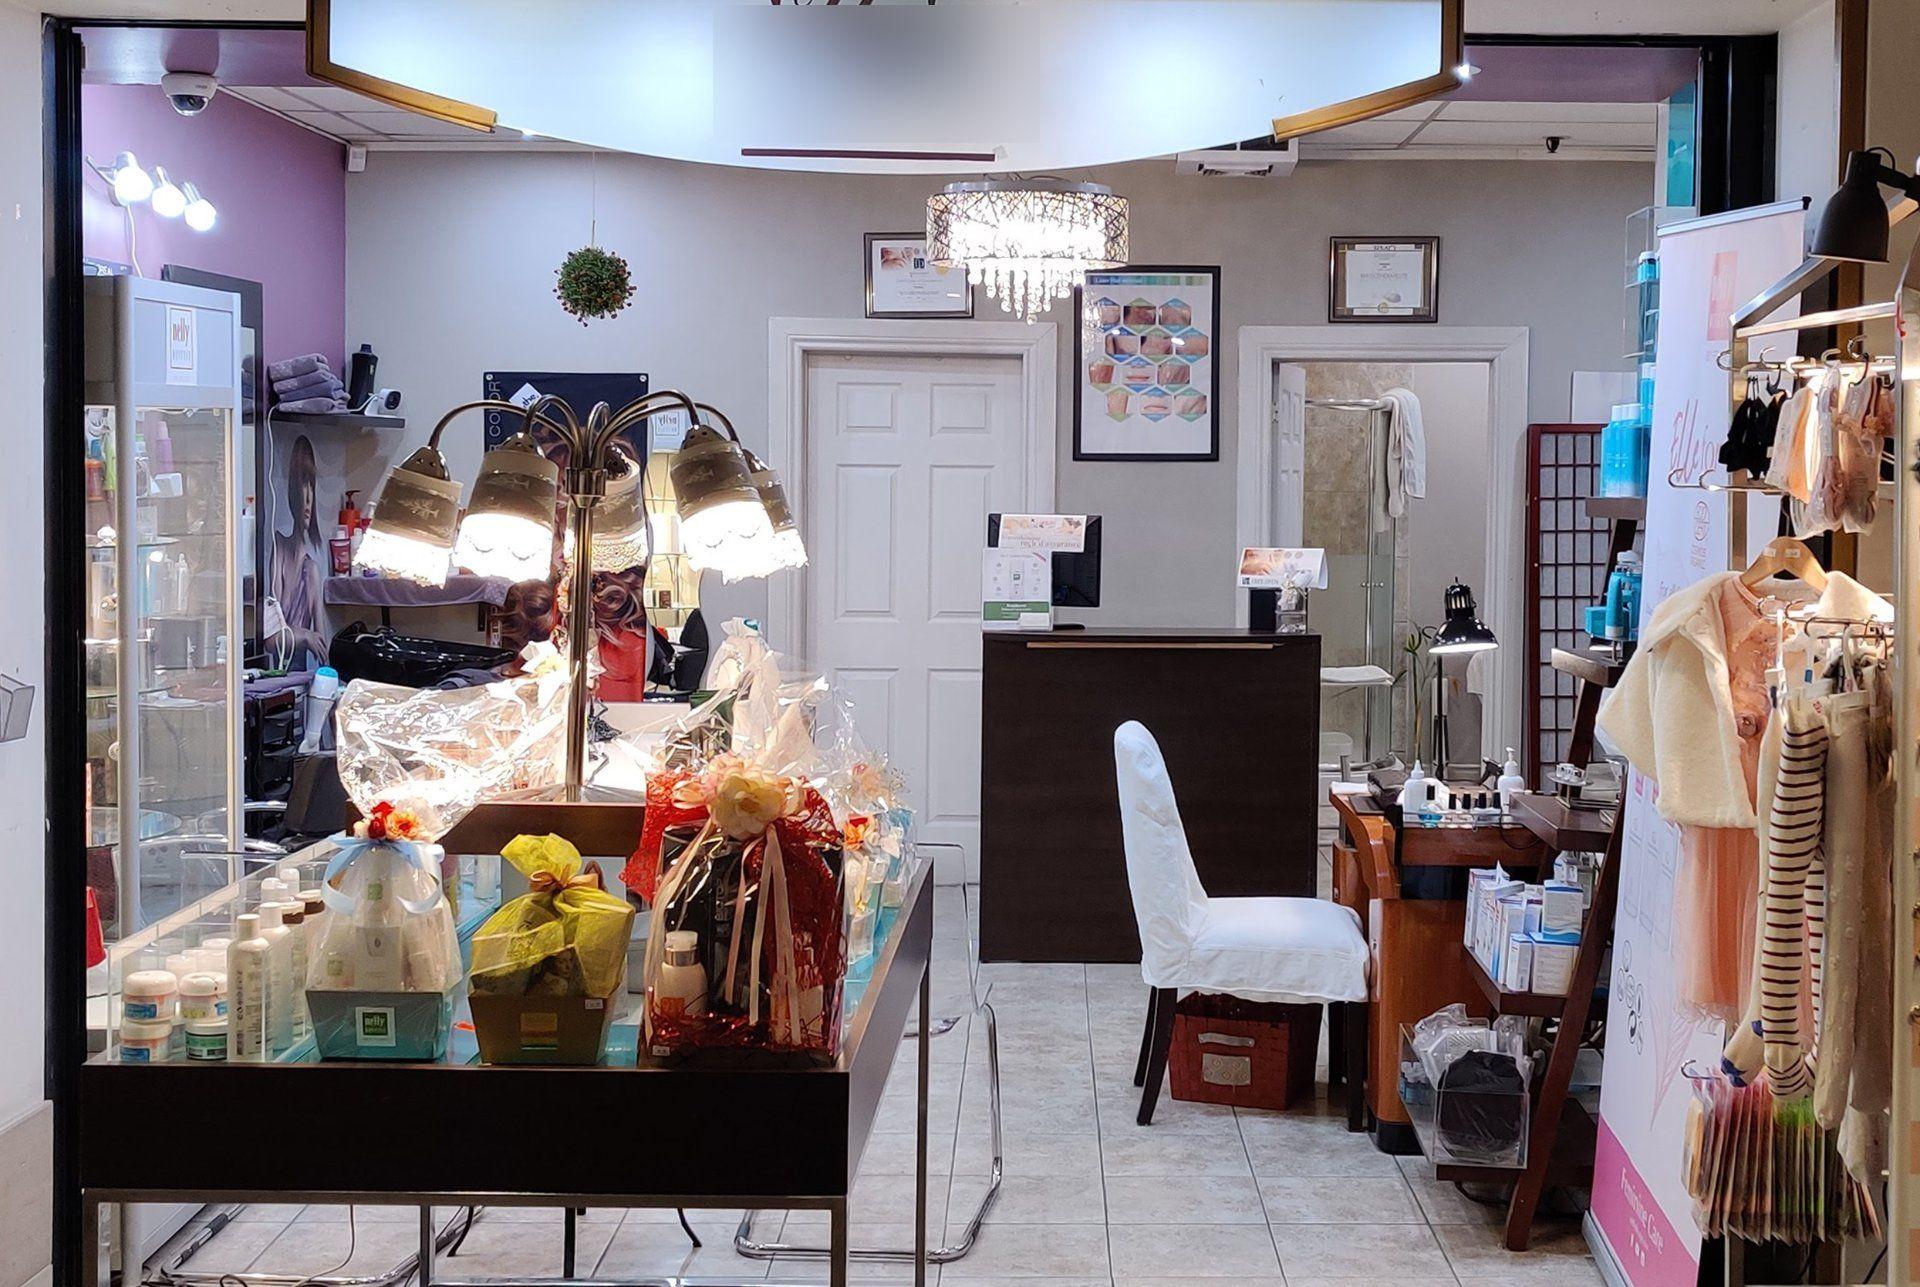 Vente Salon de beauté, spa spécialisé dans un grand hôtel en plein centre de Montréal